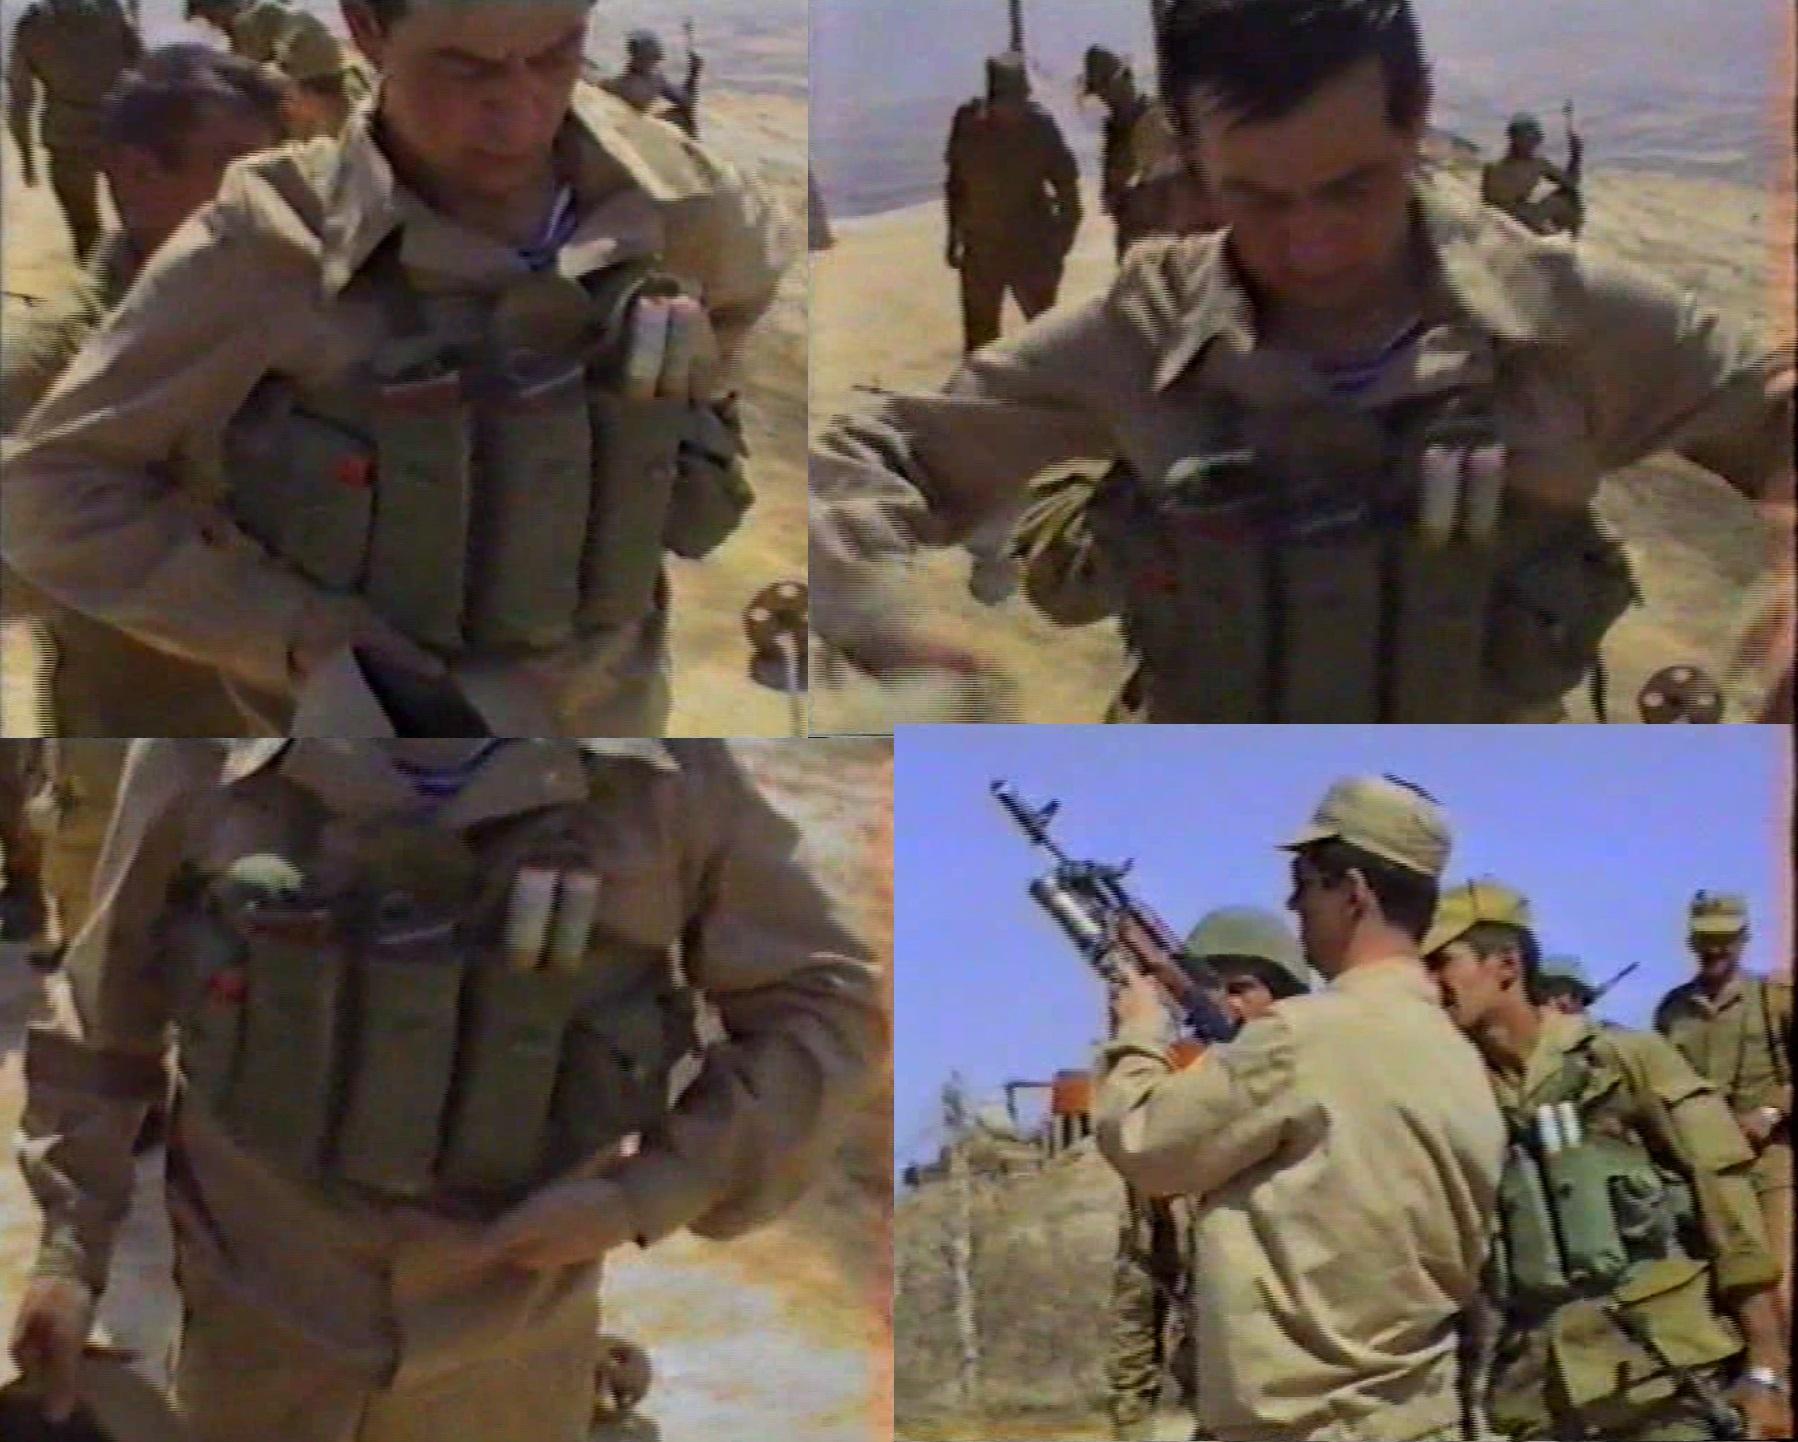 Генерал в тельняшке и мабуте без знаков различия. Примеривает чиком, стреляет из подствольника.